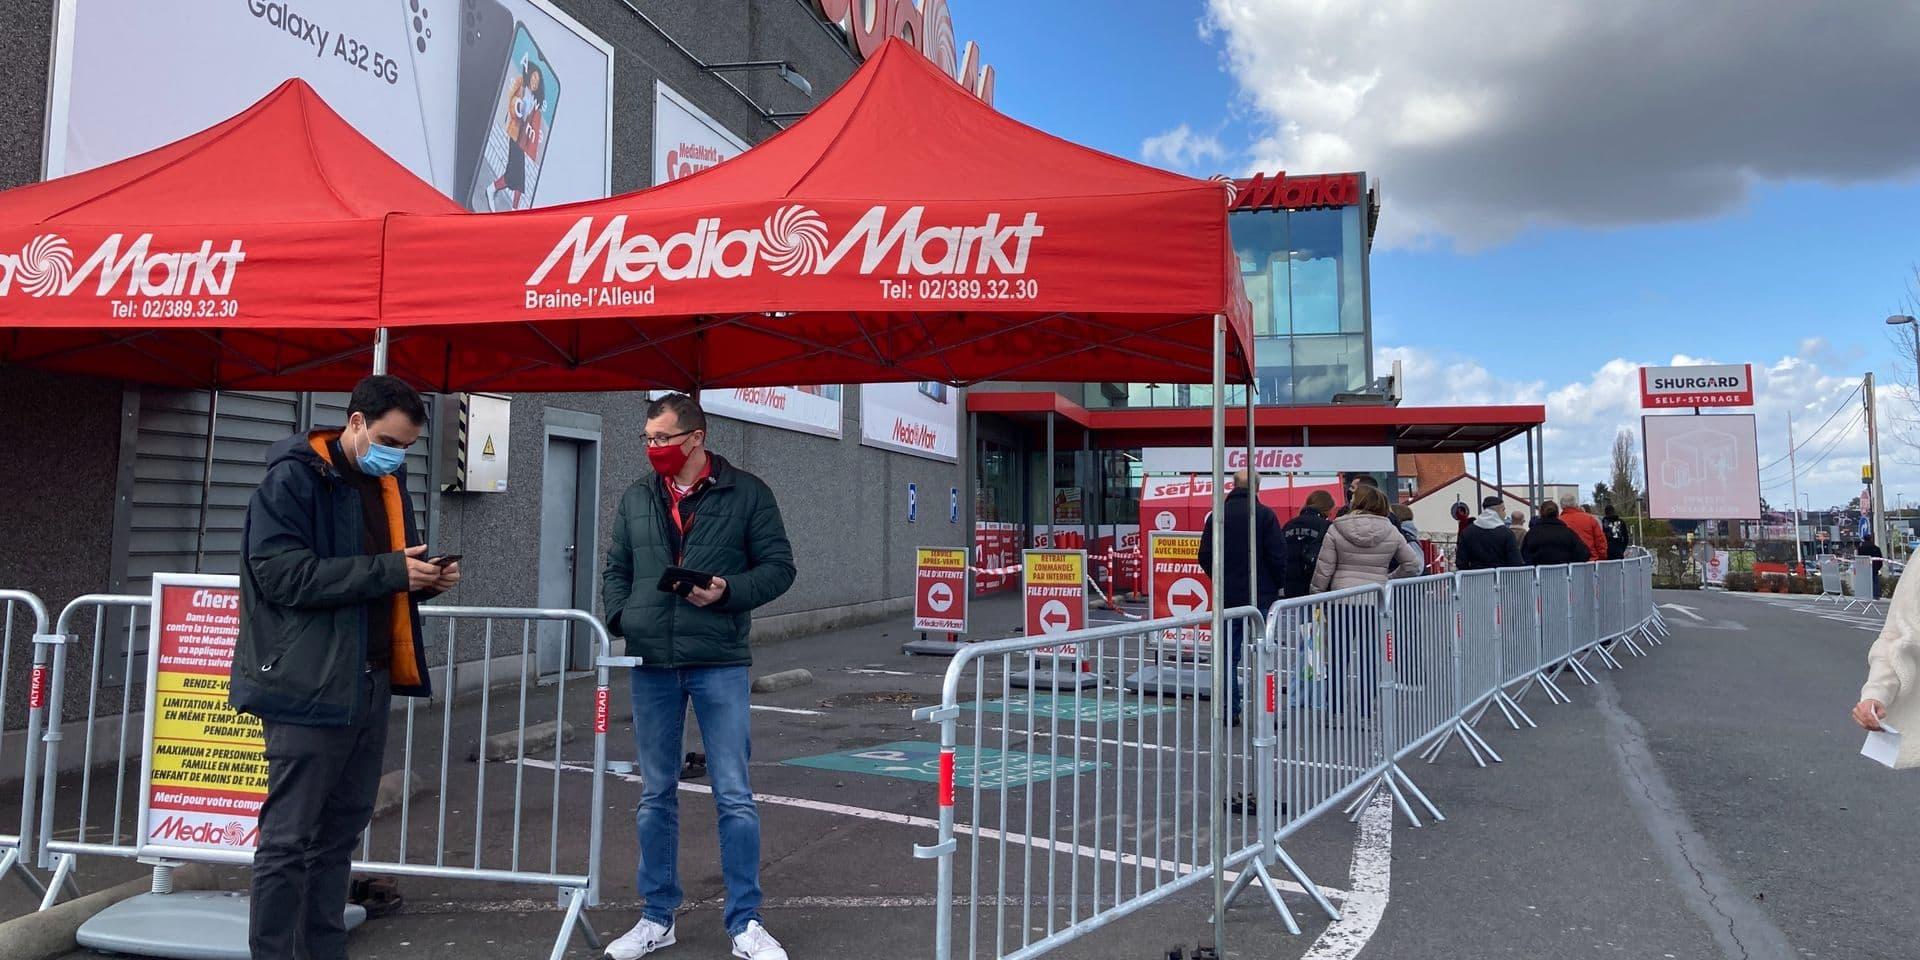 Le MediaMarkt de Braine-l'Alleud accueille ses clients sur rendez-vous